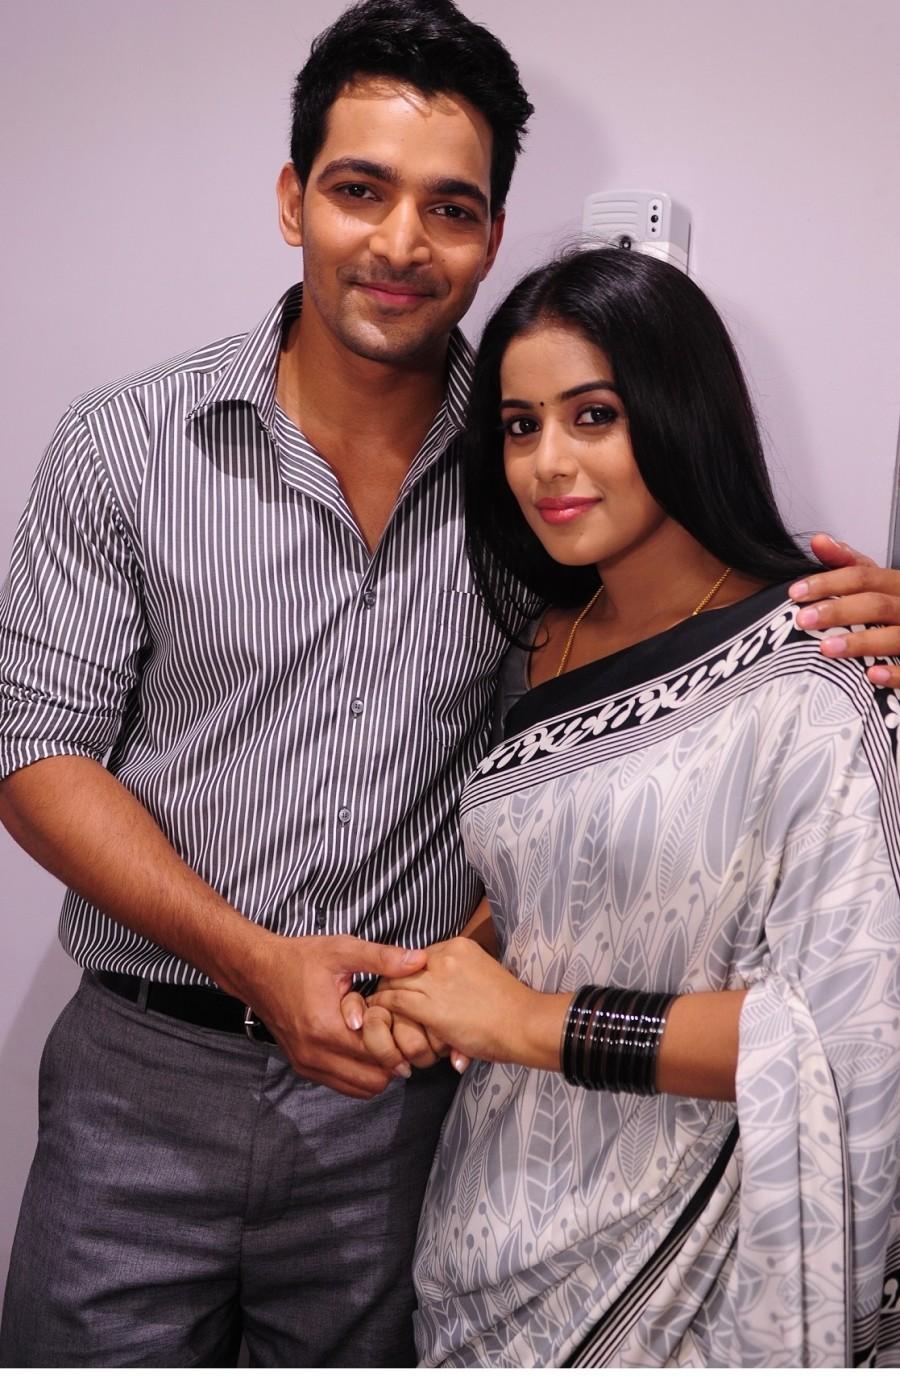 Harshvardhan Rane,Poorna,Avunu2,Avunu2 movie stills,Ravibabu,Ravibabu's film